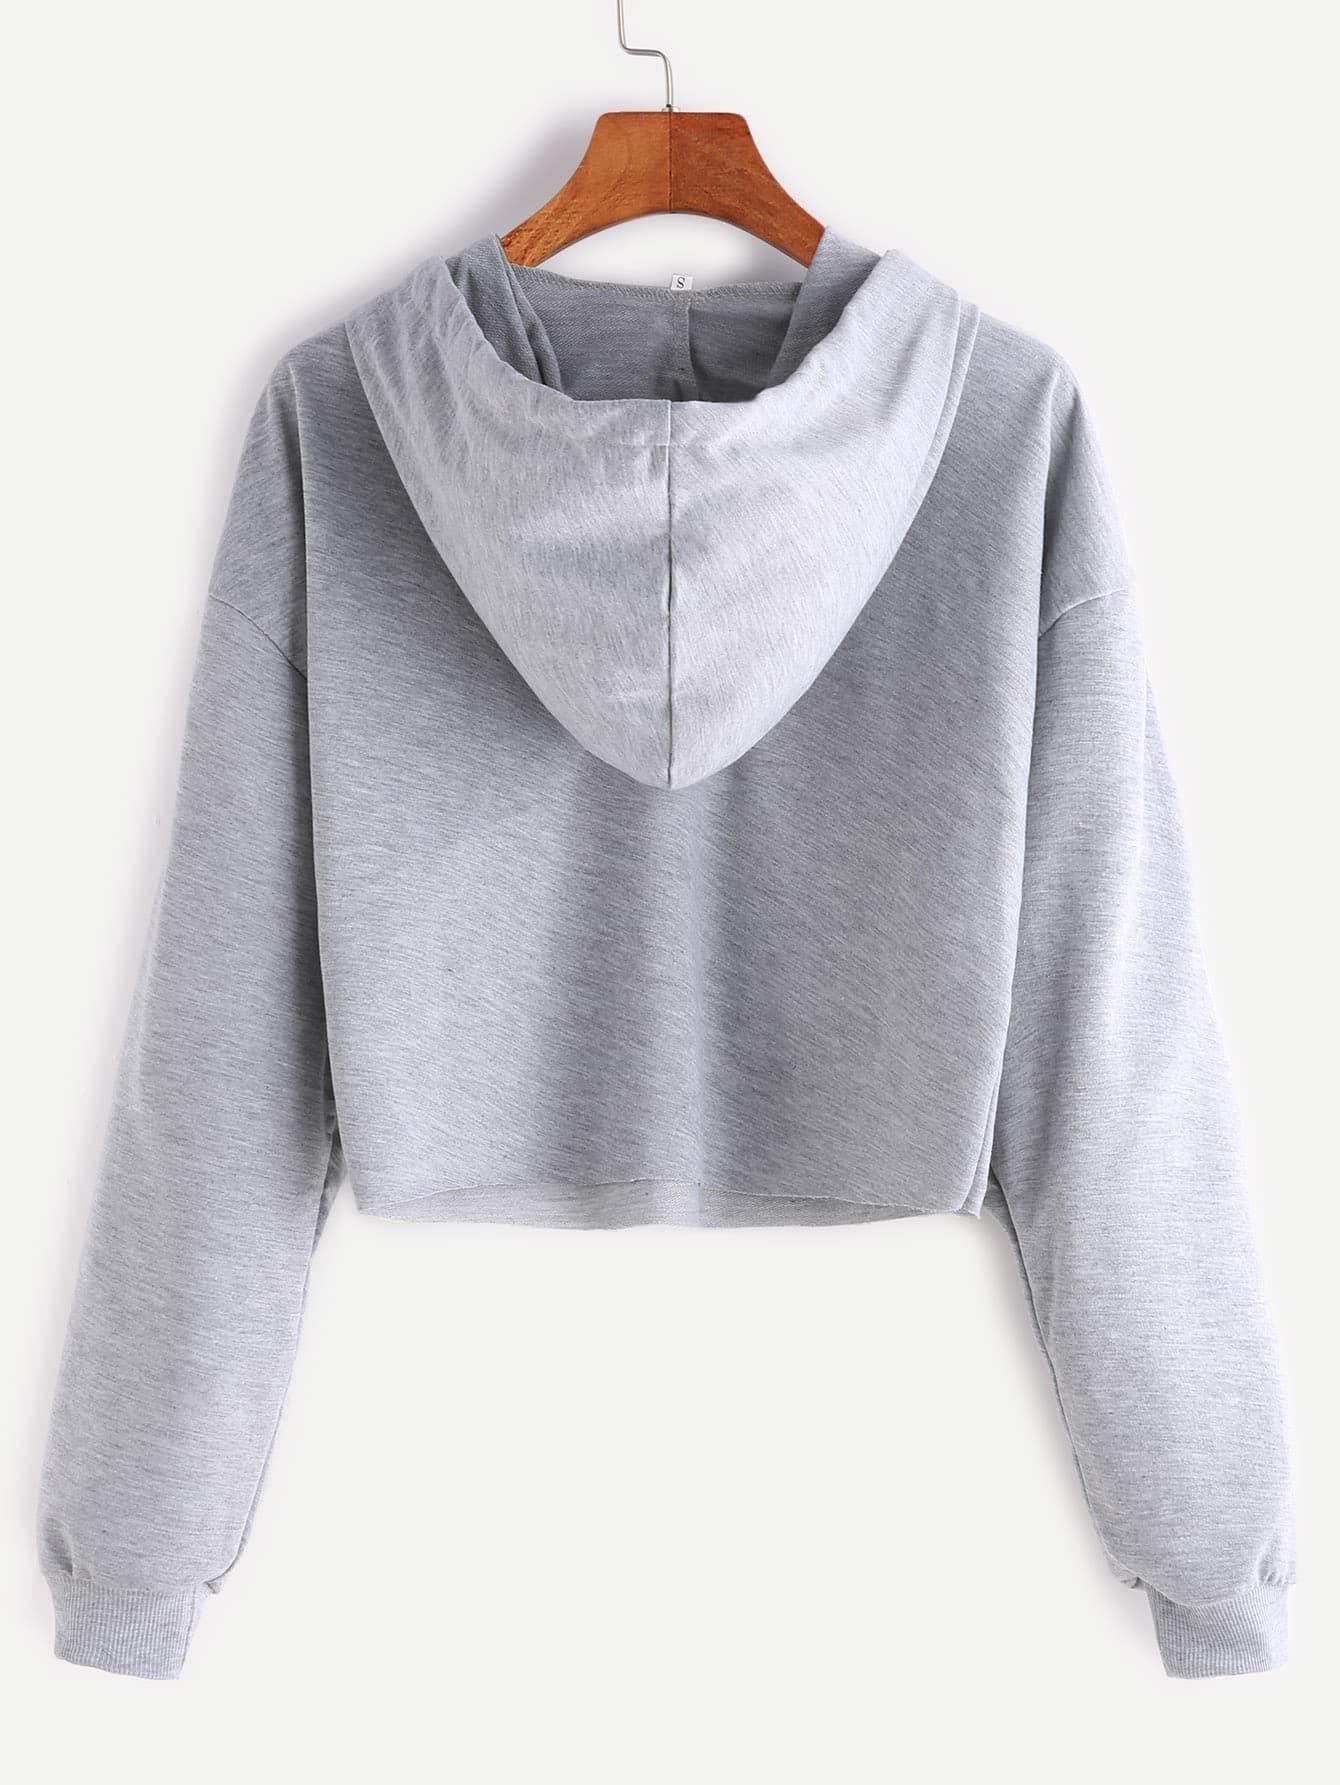 sweatshirt161205102_2